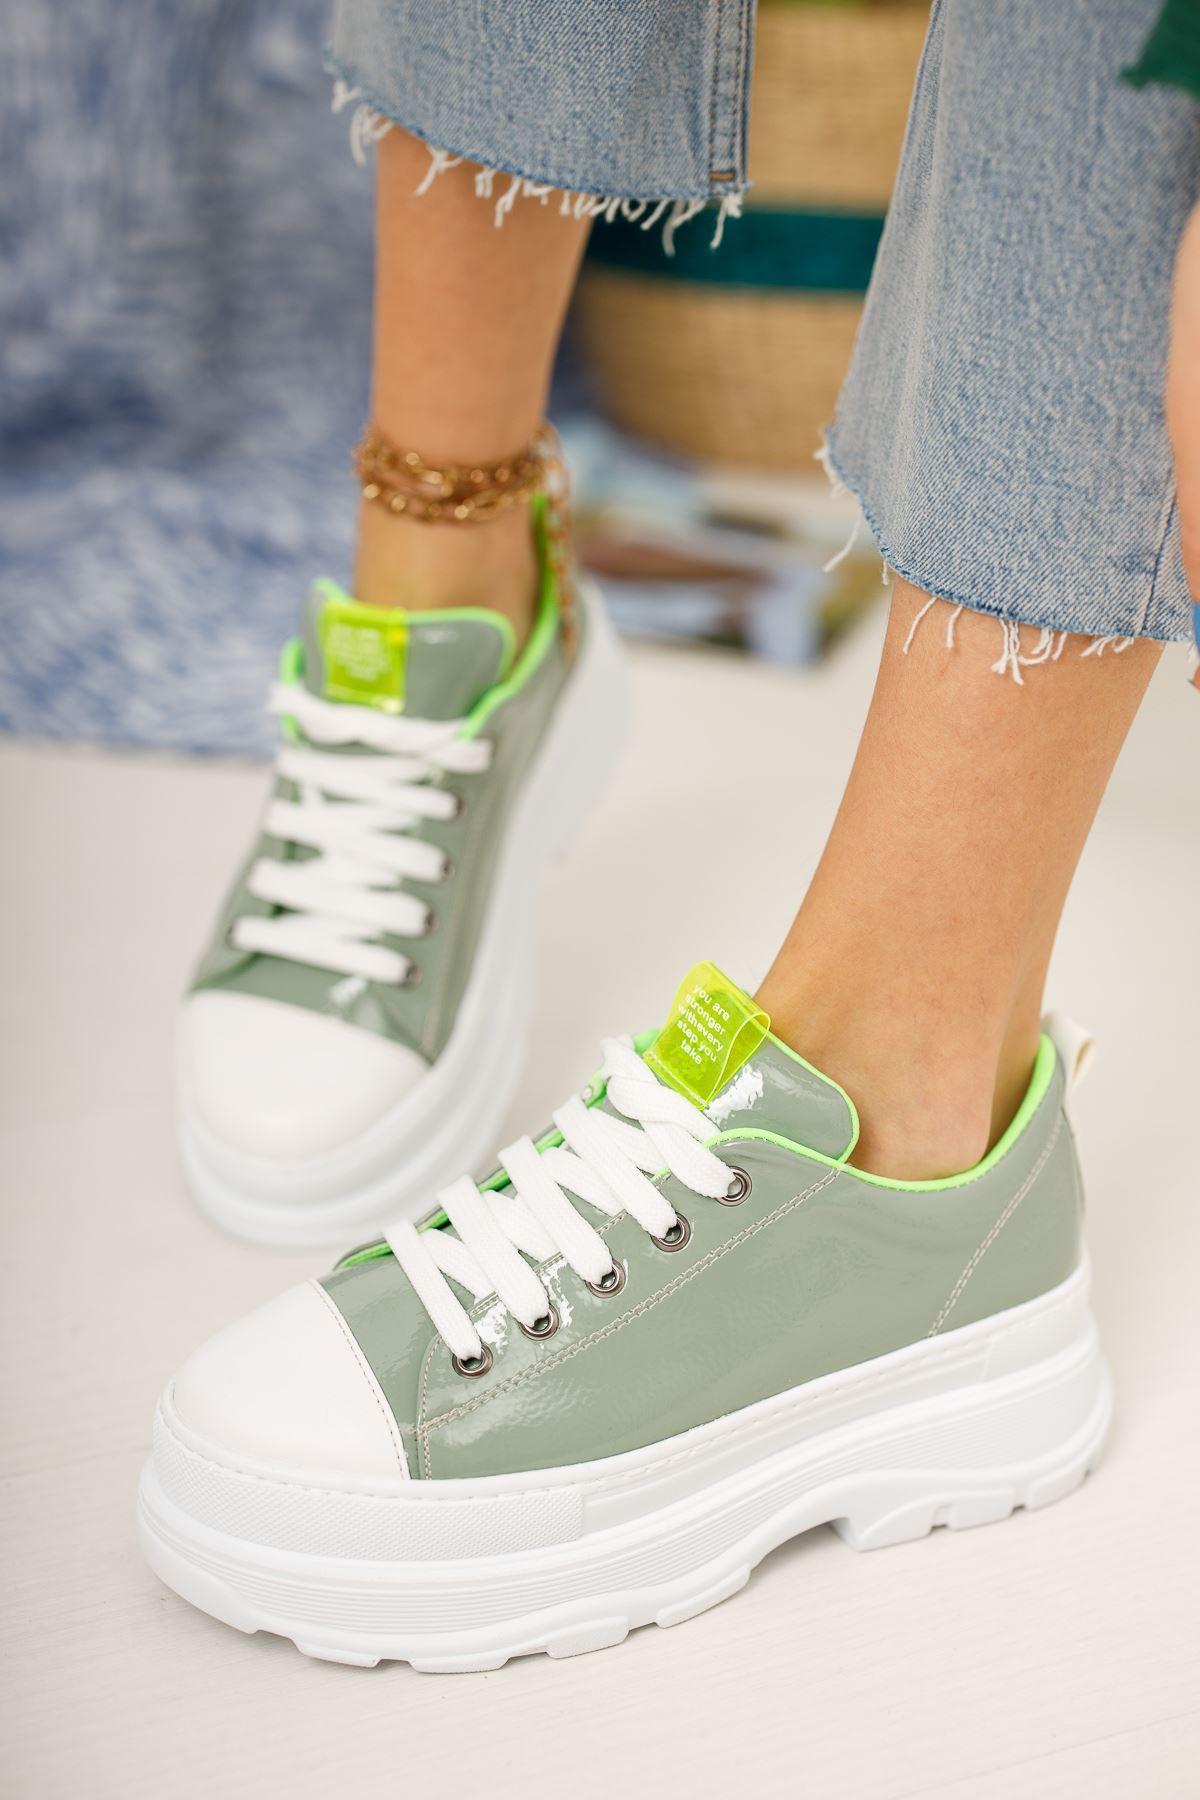 Su Yeşili Rugan Kalın Taban Bağcıklı Günlük Spor Ayakkabı